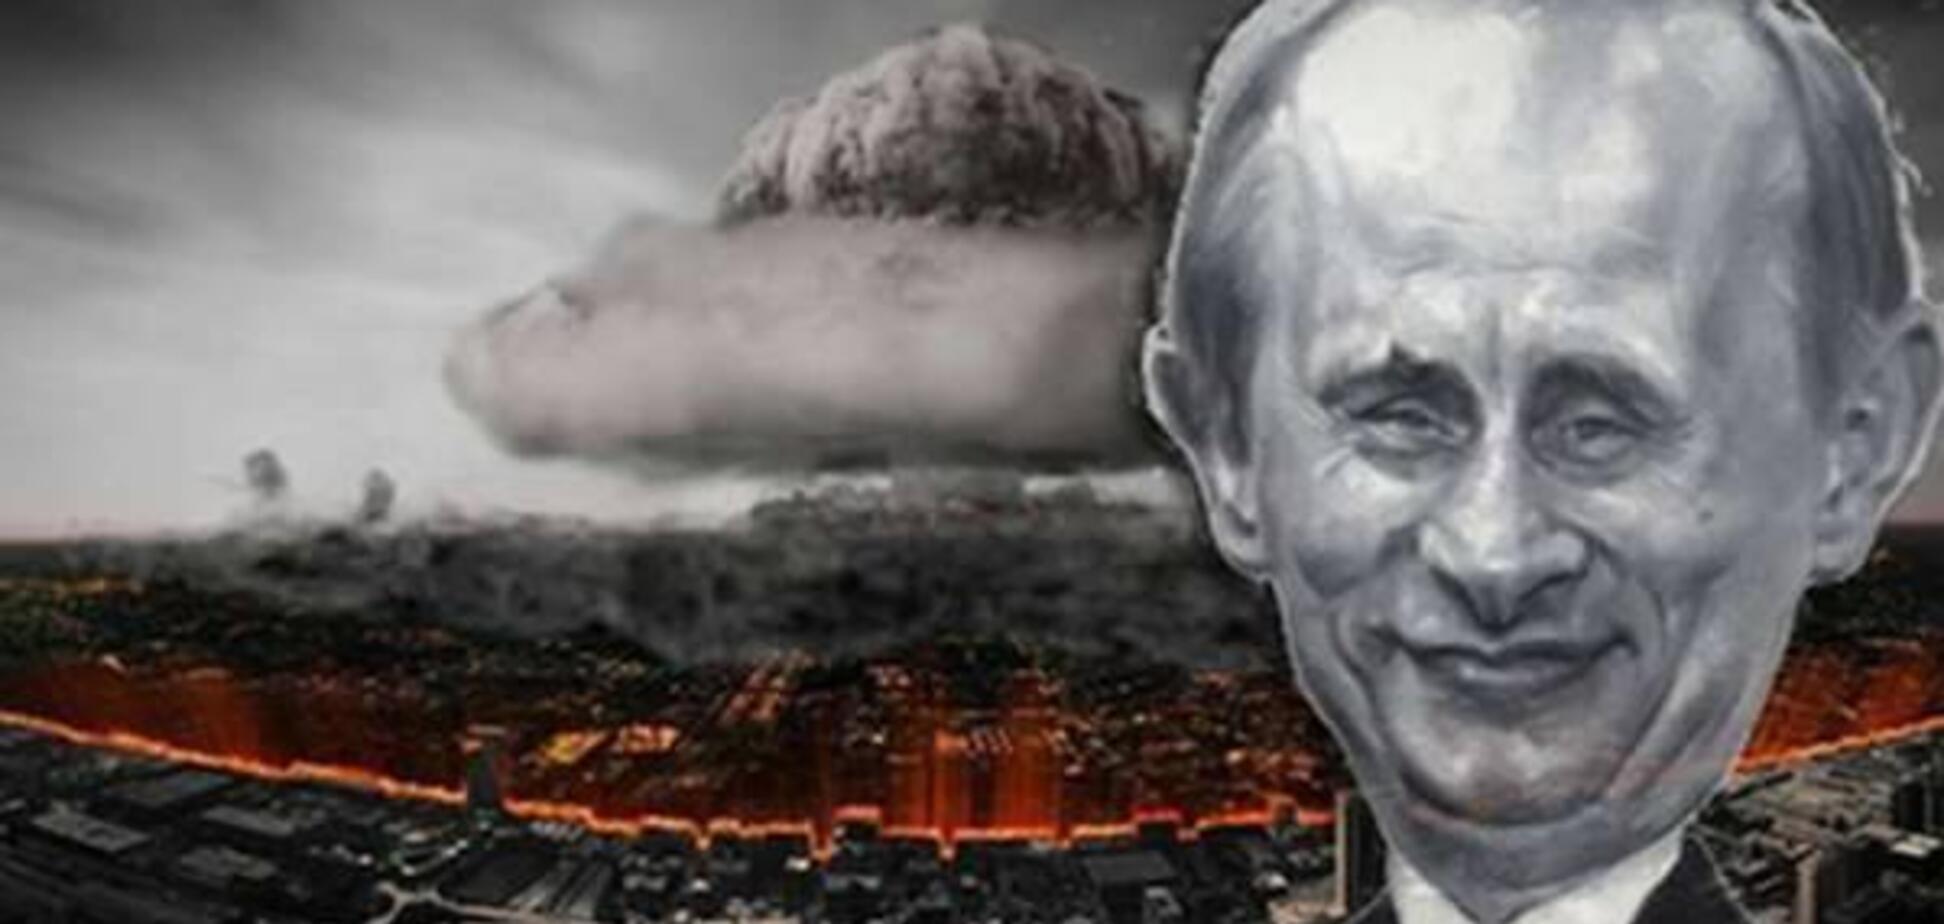 Путін готовий натиснути на червону кнопку і застосувати ядерну зброю — Бєлковський